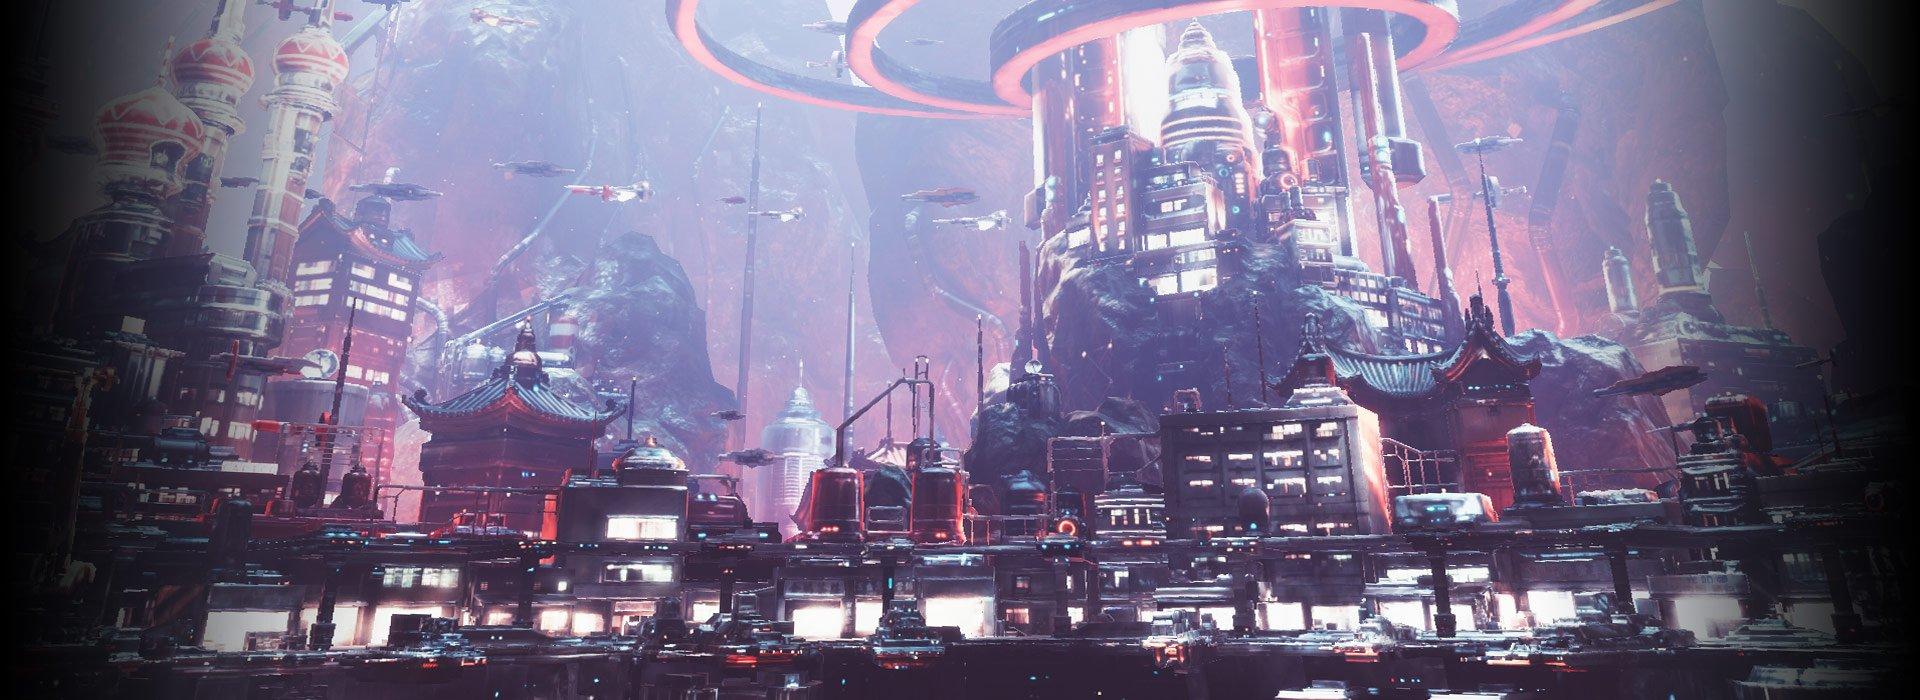 The futuristic Project 1v1